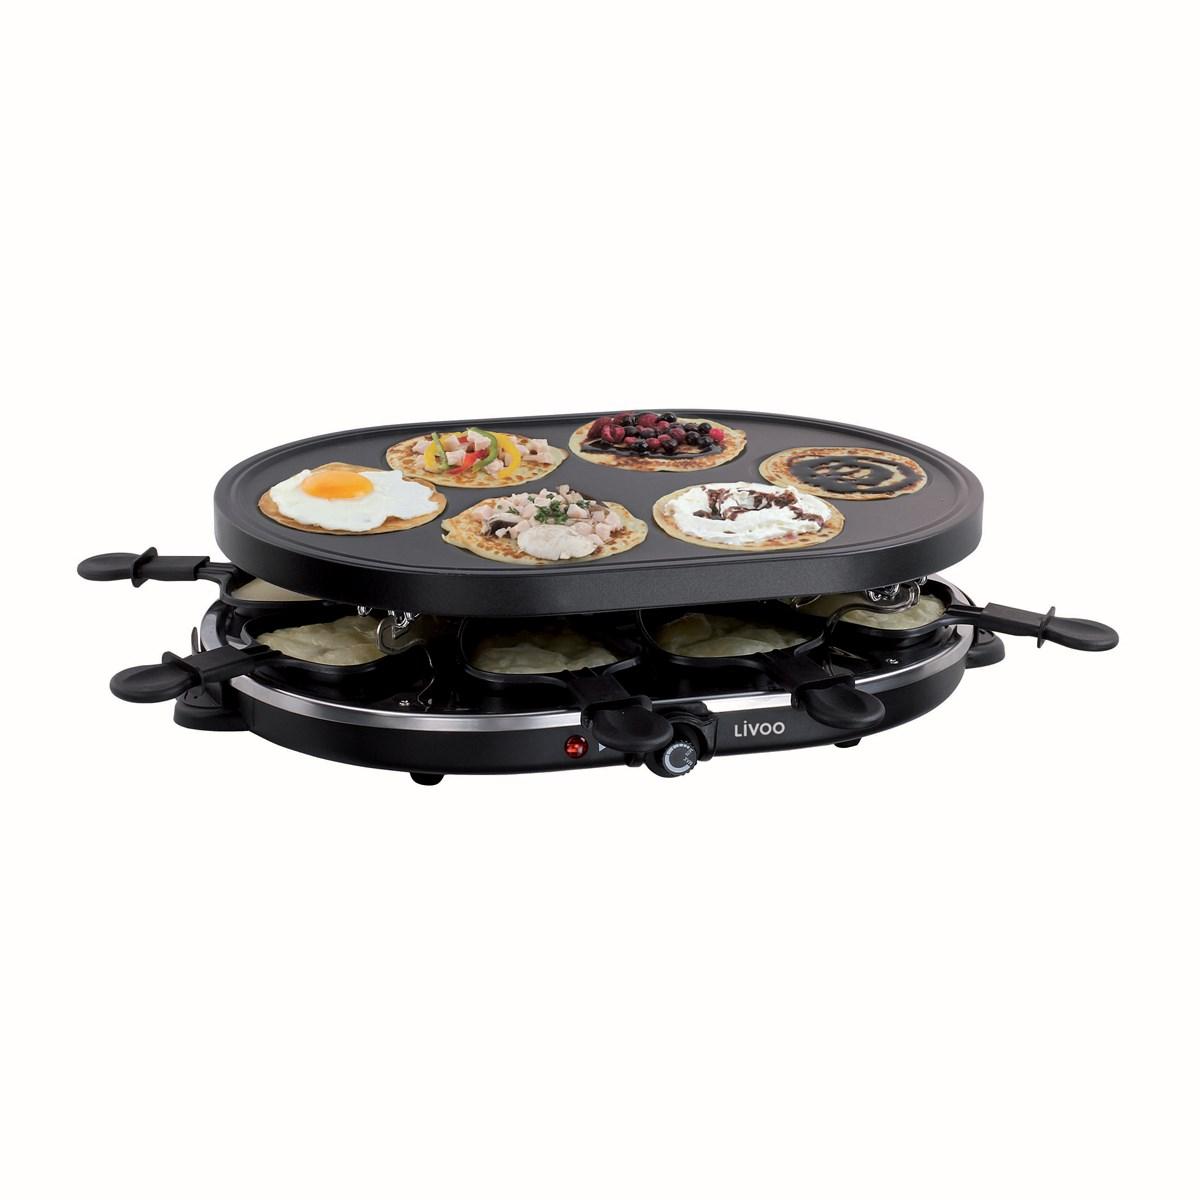 Appareil à raclette et mini-crêpes en métal noir